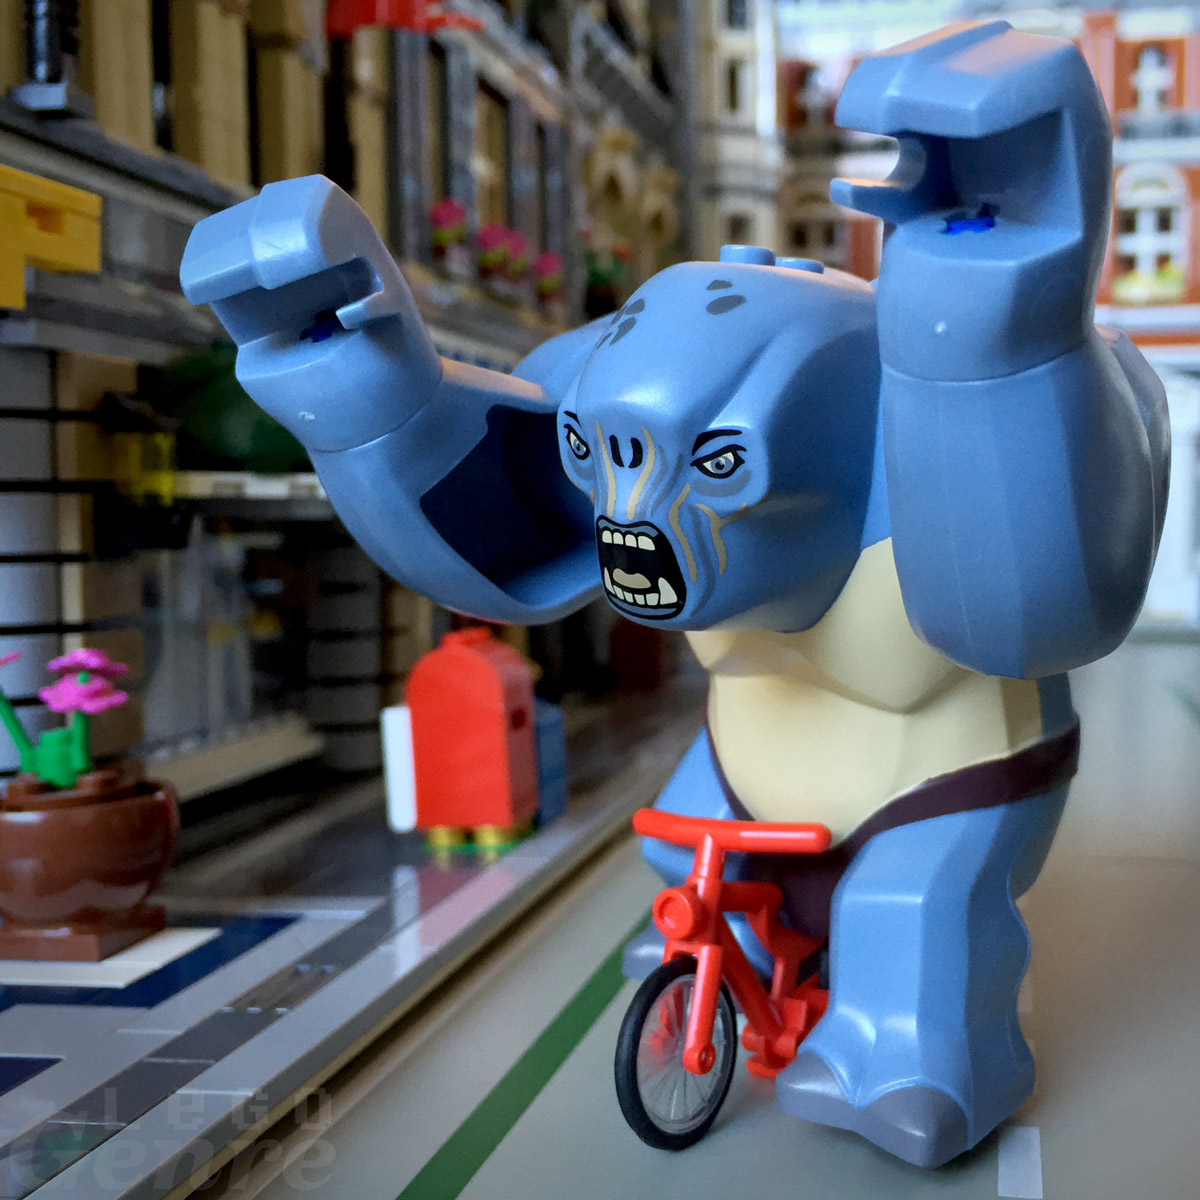 LegoGenre: Look Ma, No Hands!